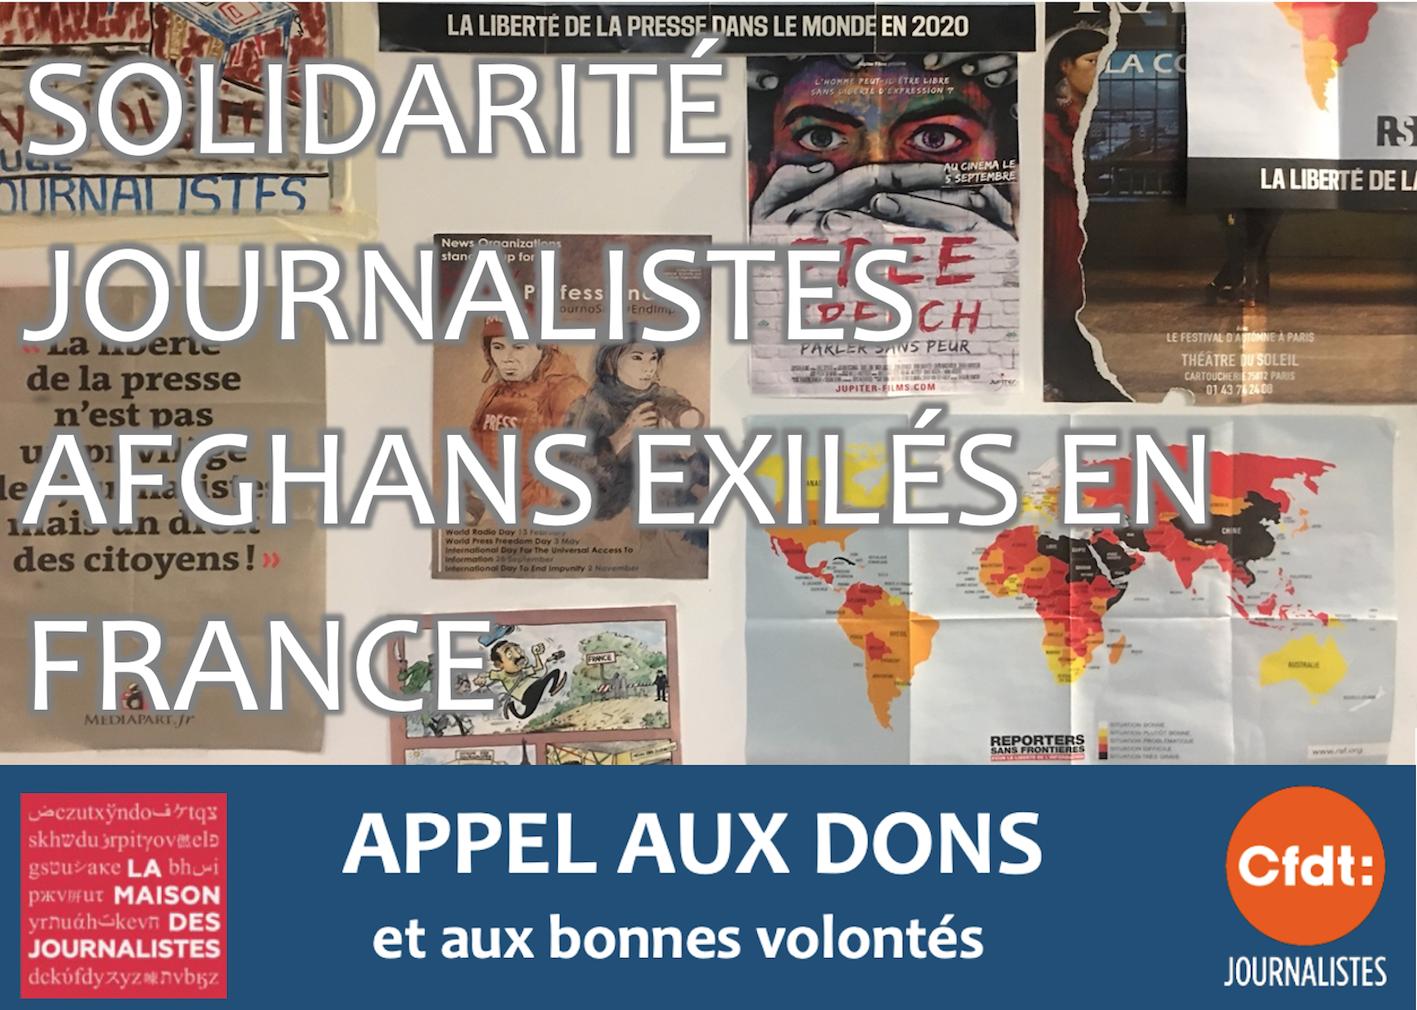 Logement, soutiens bénévoles : voilà comment nous, journalistes, pouvons concrètement aider les journalistes afghans exilés en France